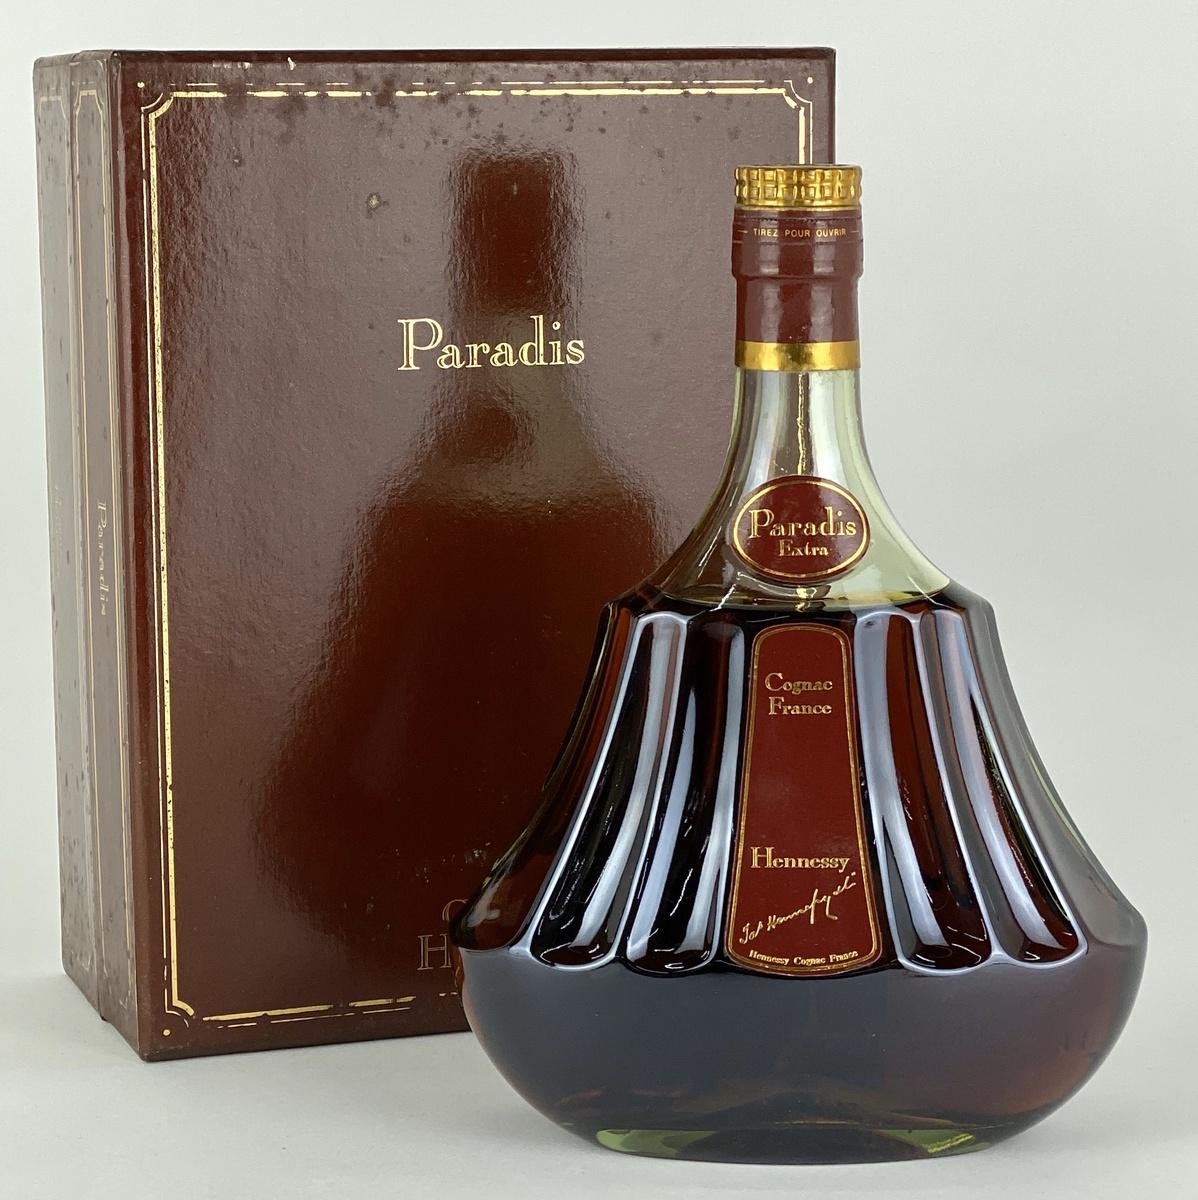 ヘネシー Hennessy パラディ エクストラ 旧グリーンボトル 700ml ブランデー コニャック 【古酒】